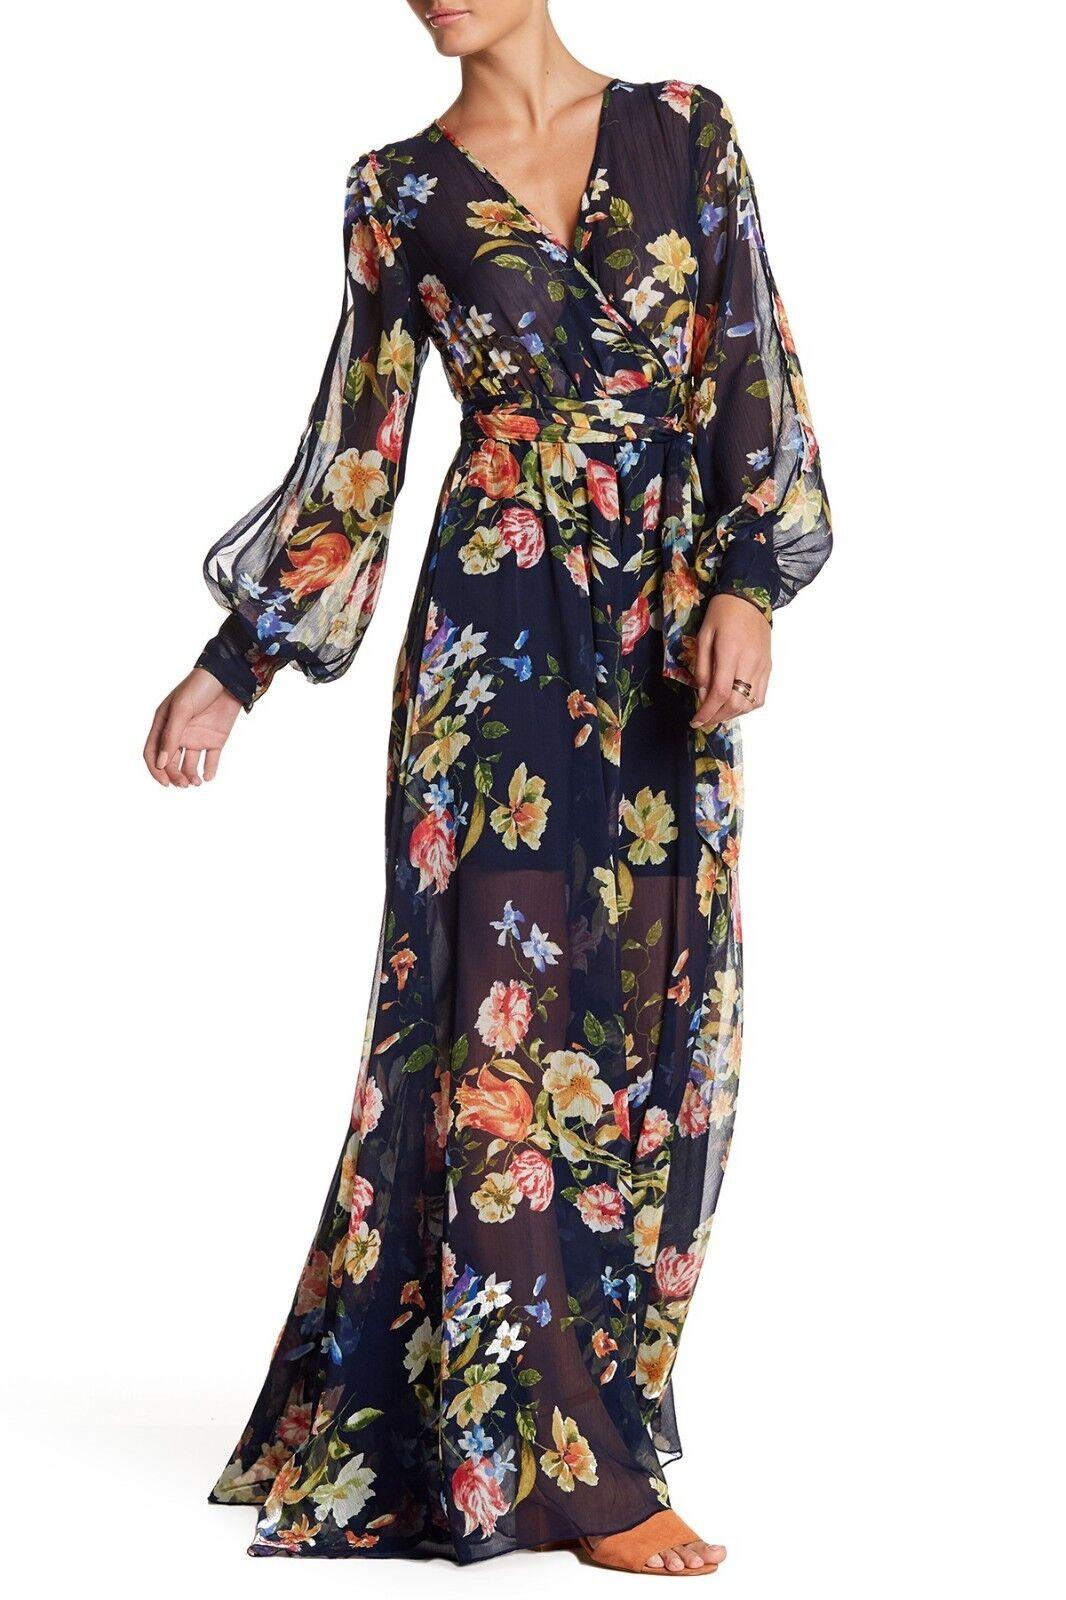 348 New Meghan LA Mon Cherie Wrap Maxi Dress Floral Navy Peach Size Medium M